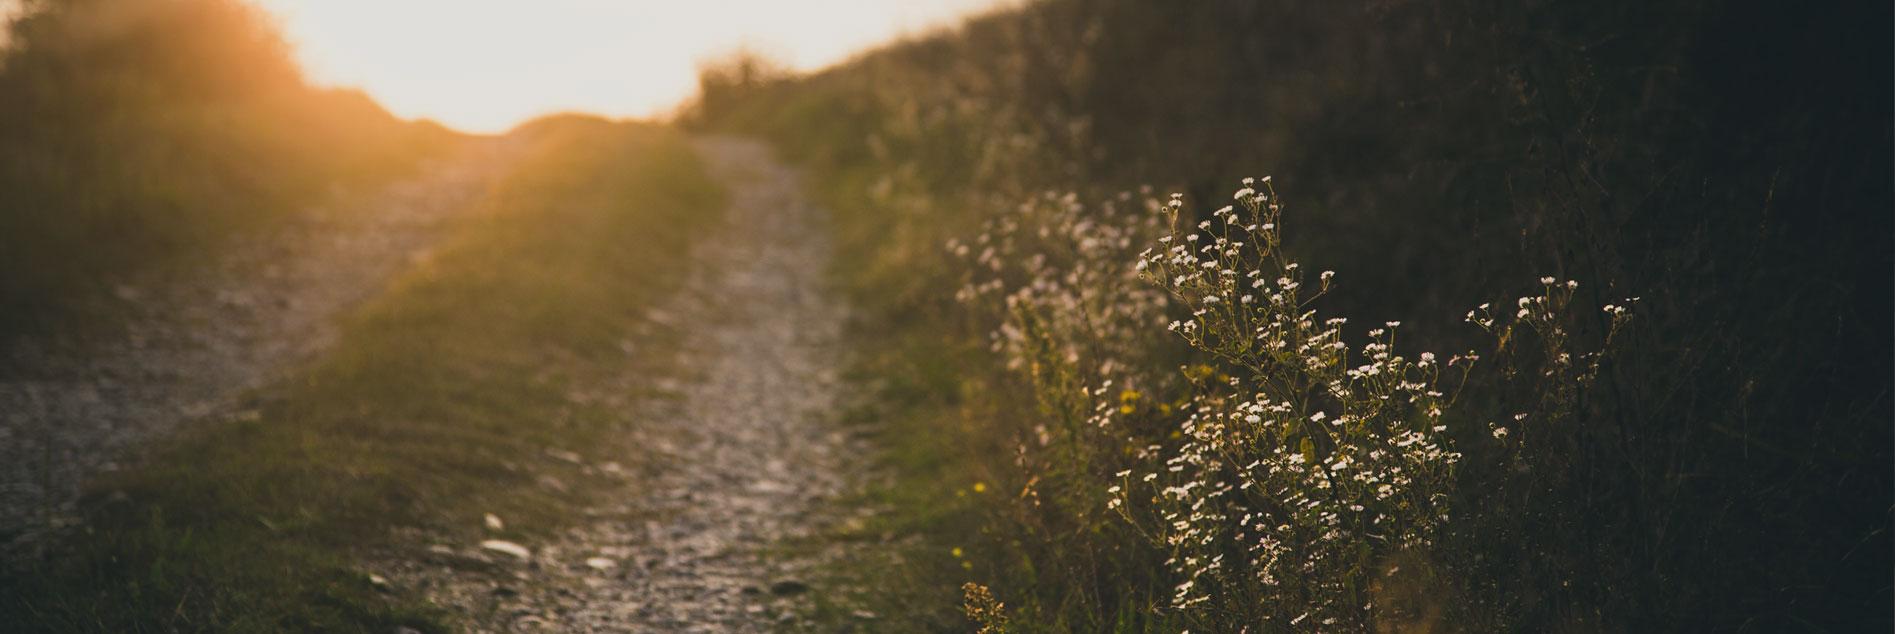 Ein Feldweg mit Sonnenschein